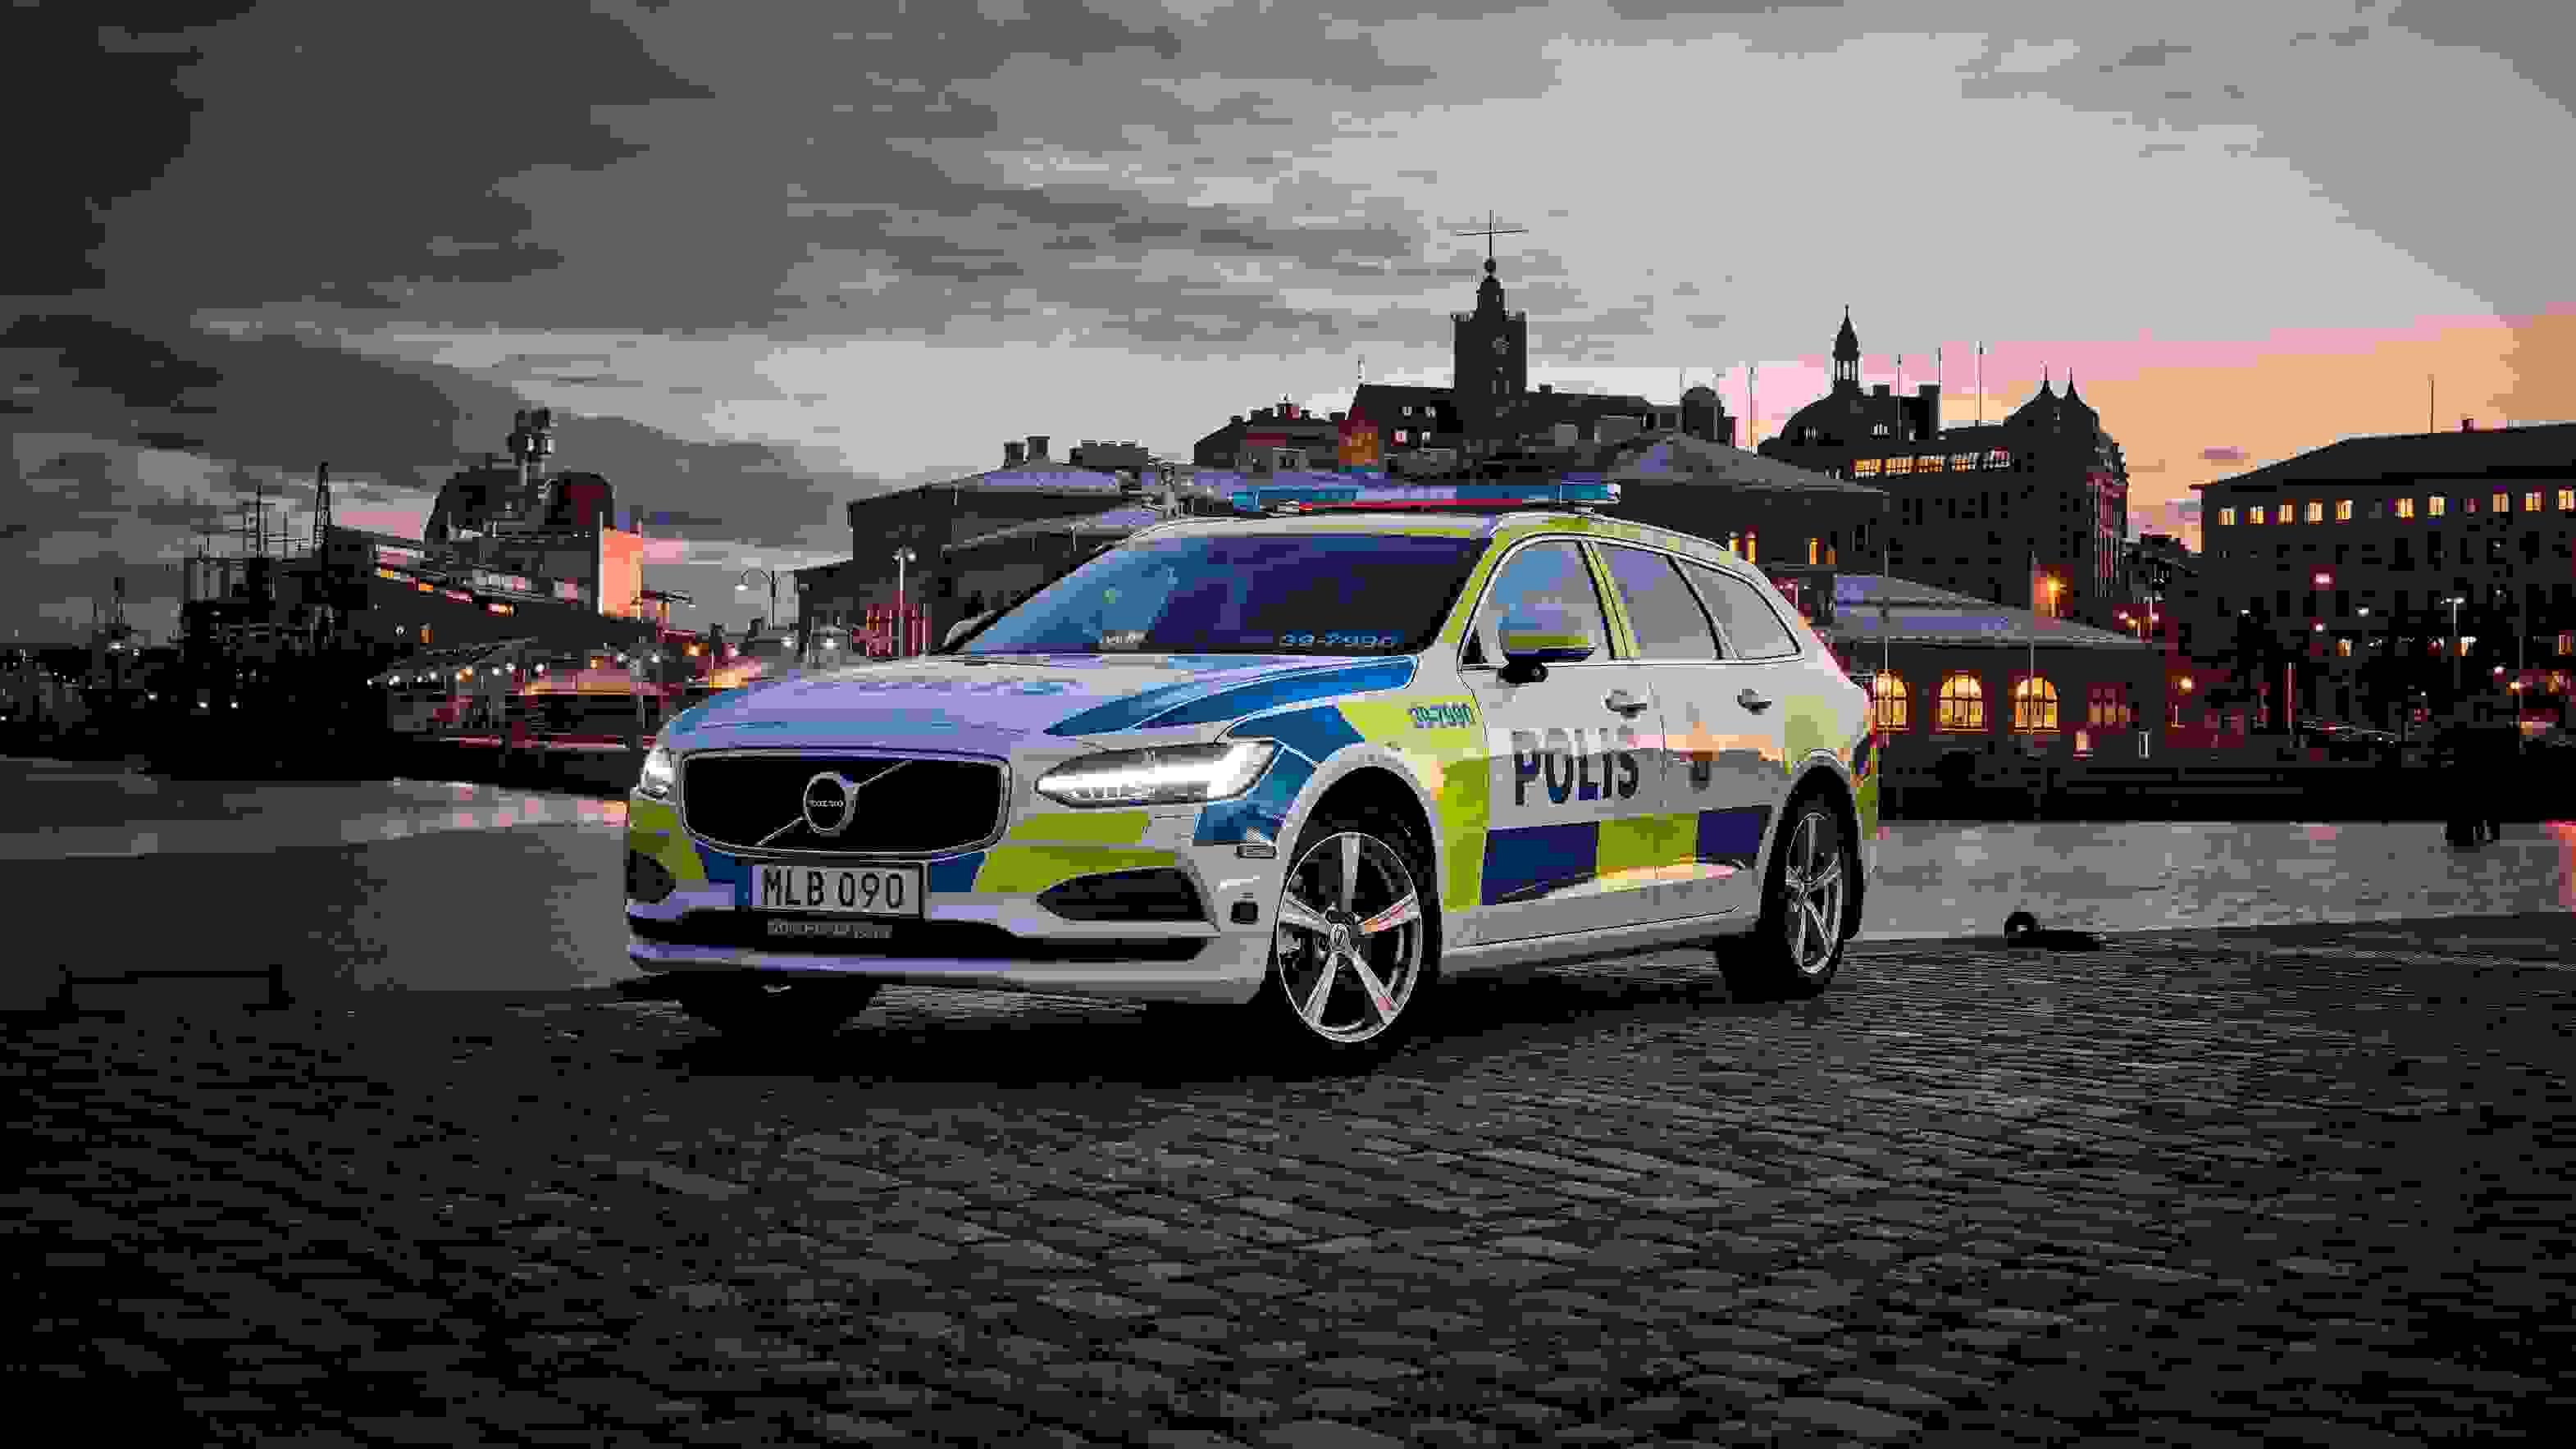 201331 Volvo V90 As A Police Car